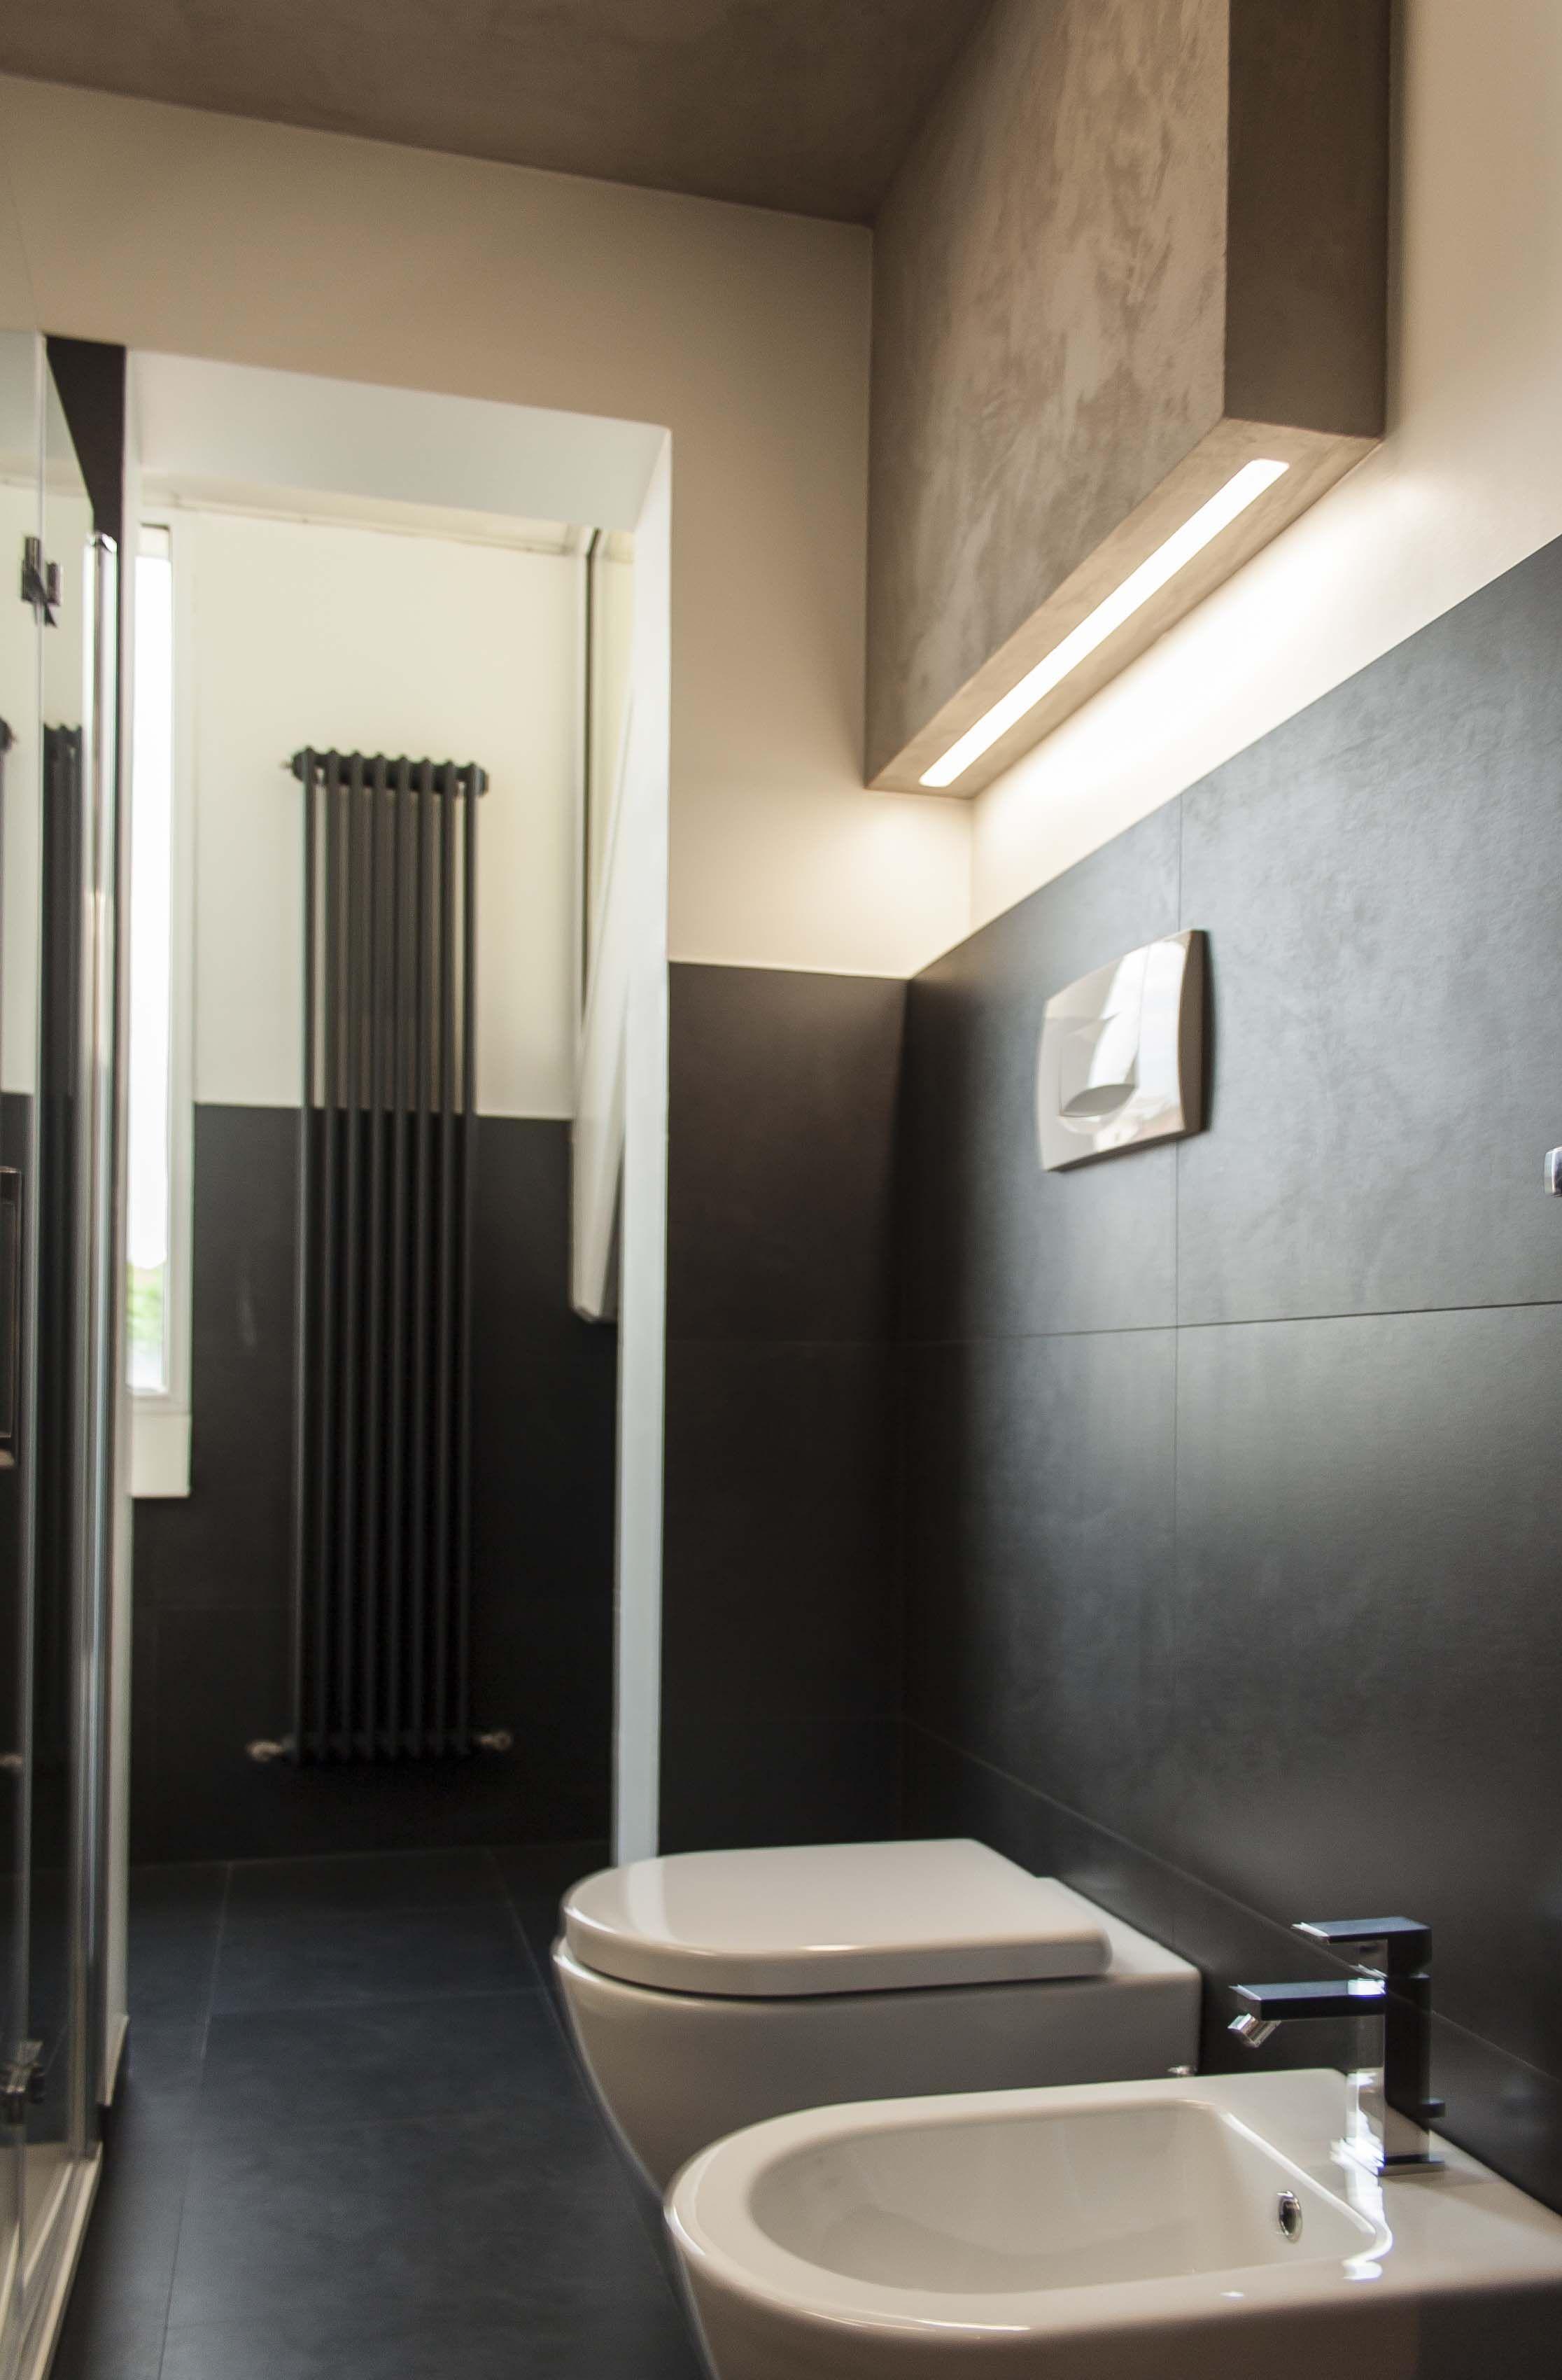 Illuminazione bagno idee bagno pinterest studio and interiors - Illuminazione doccia con led ...